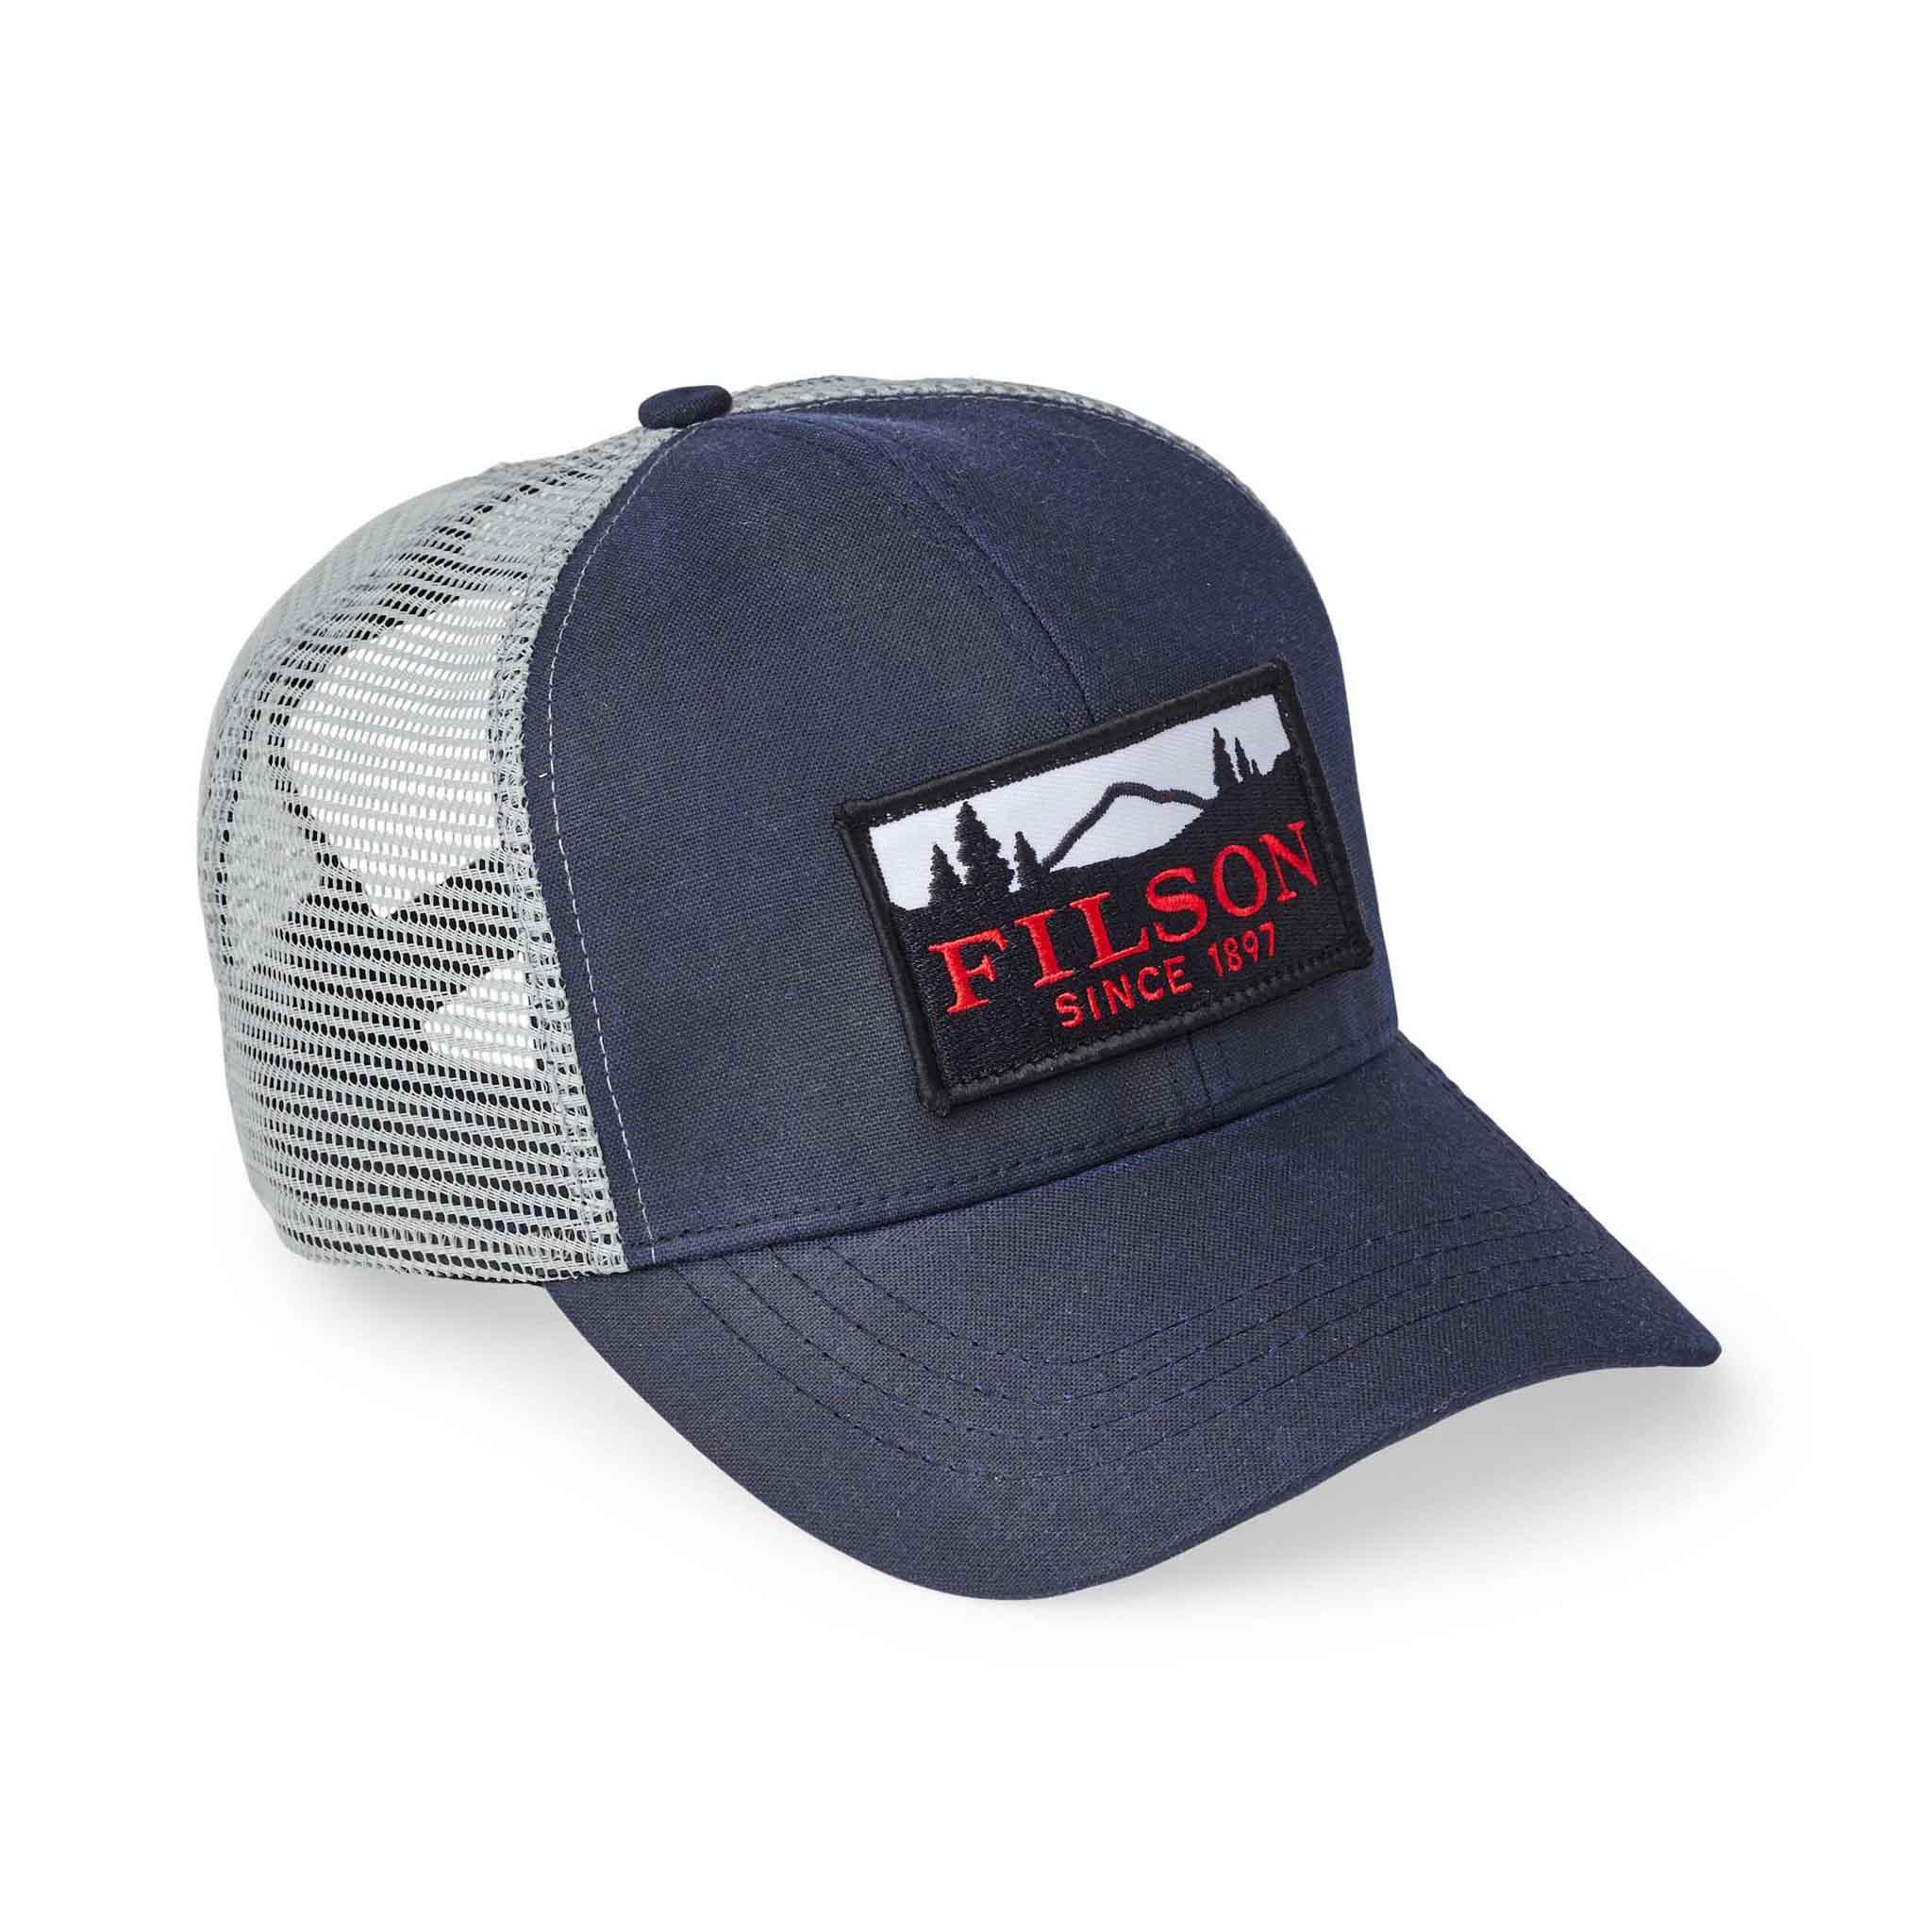 Filson logger Mesh Cap, Gross real wear München, Truckercap, Navy